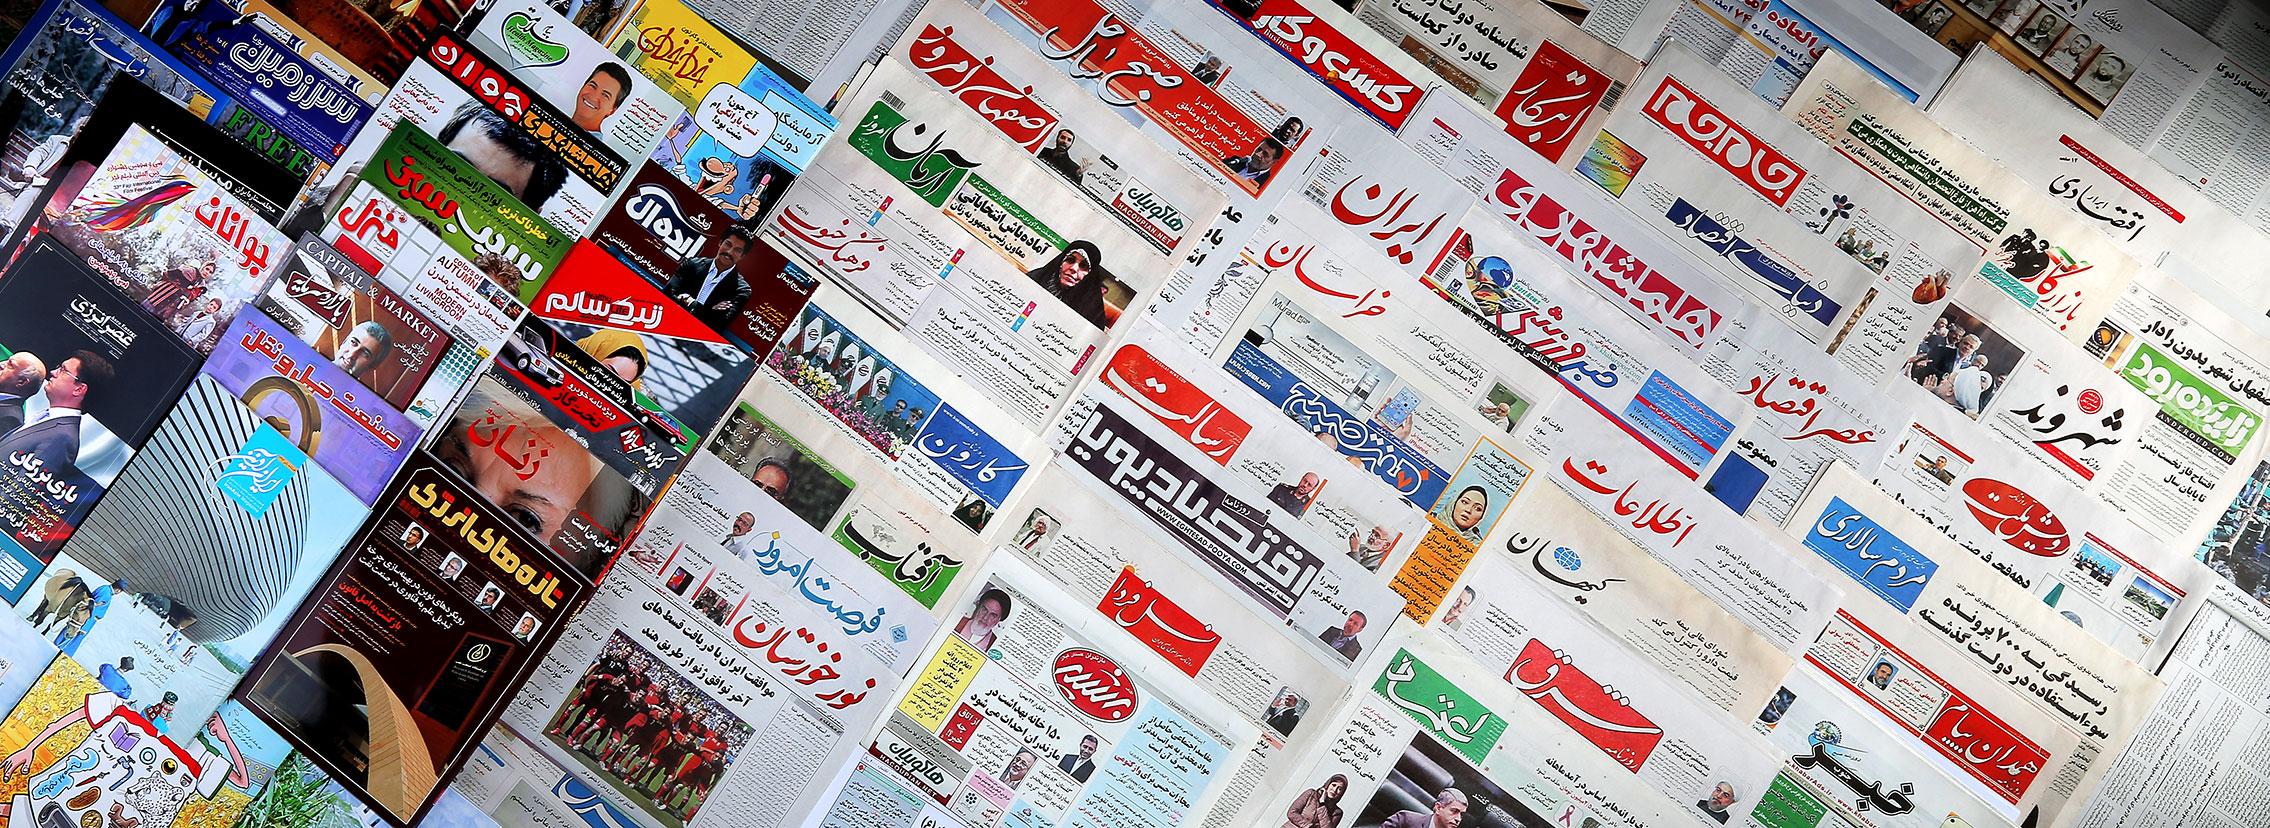 تحلیل و بررسی جایگاه تبلیغات روزنامه ها در عصر حاضر